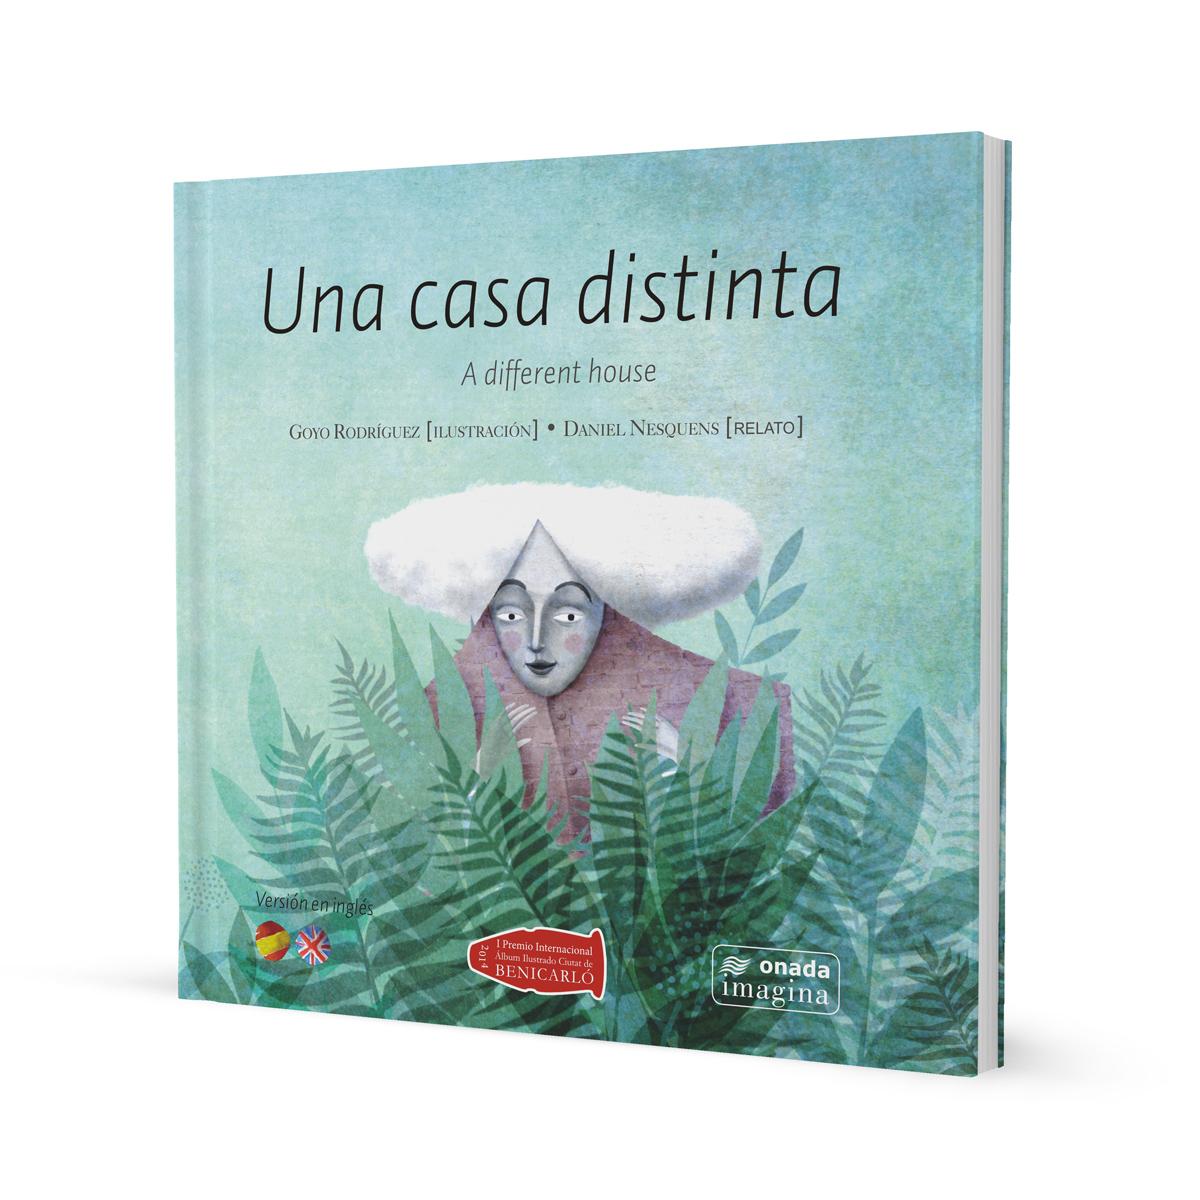 Una casa distinta, portada. Libro infantil ilustraciones Goyo Rodríguez.